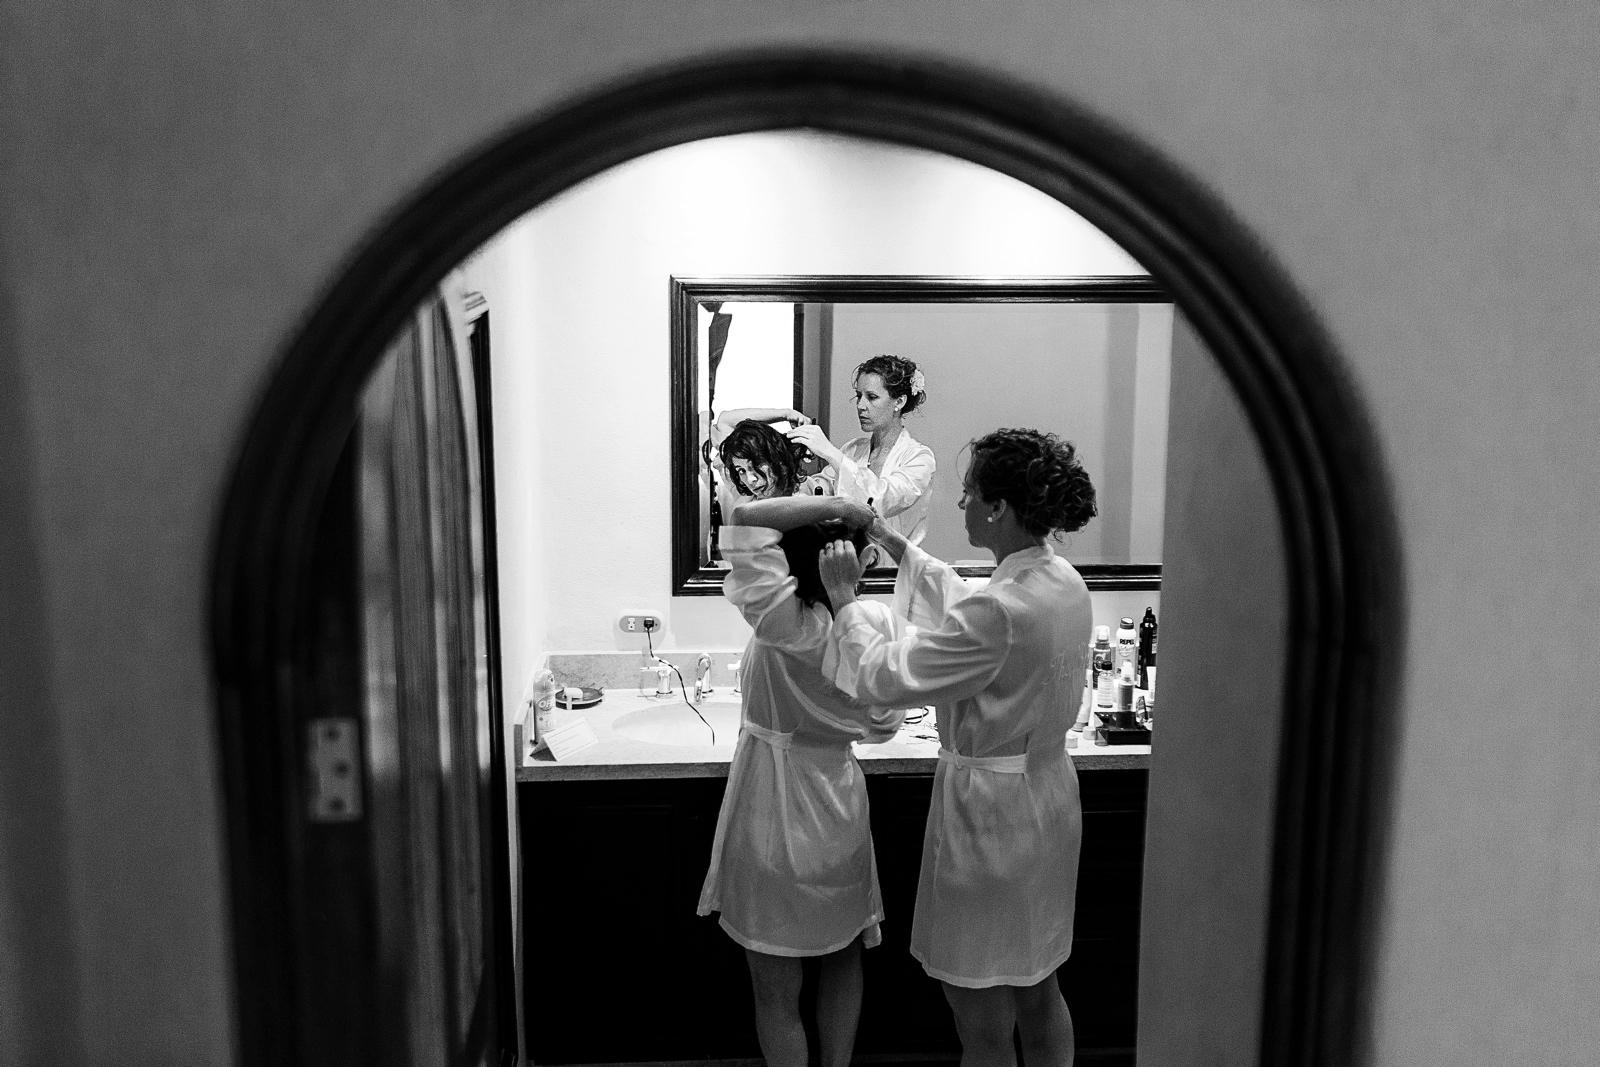 lesbian_brides_getting_ready